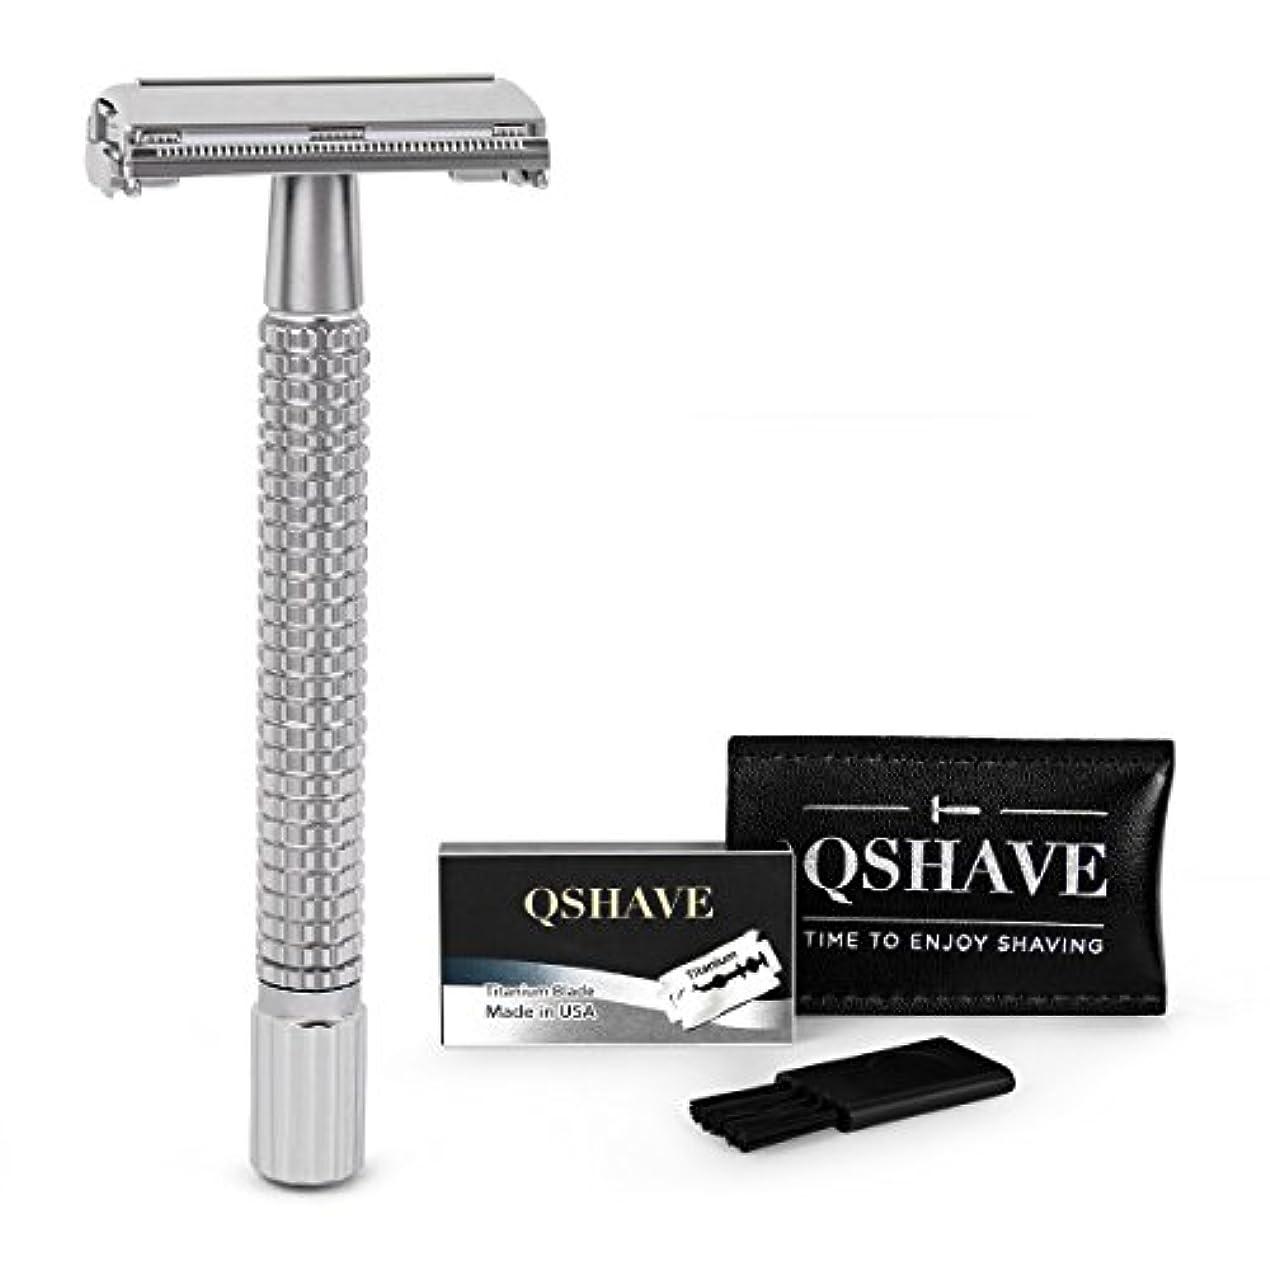 目的期待する契約QSHAVE 両刃剃刀 4インチ長ハンドル安全カミソリ ツイストバタフライオープン クロムマット仕上げ(カミソリ1本 + チタンコート替え刃5枚)